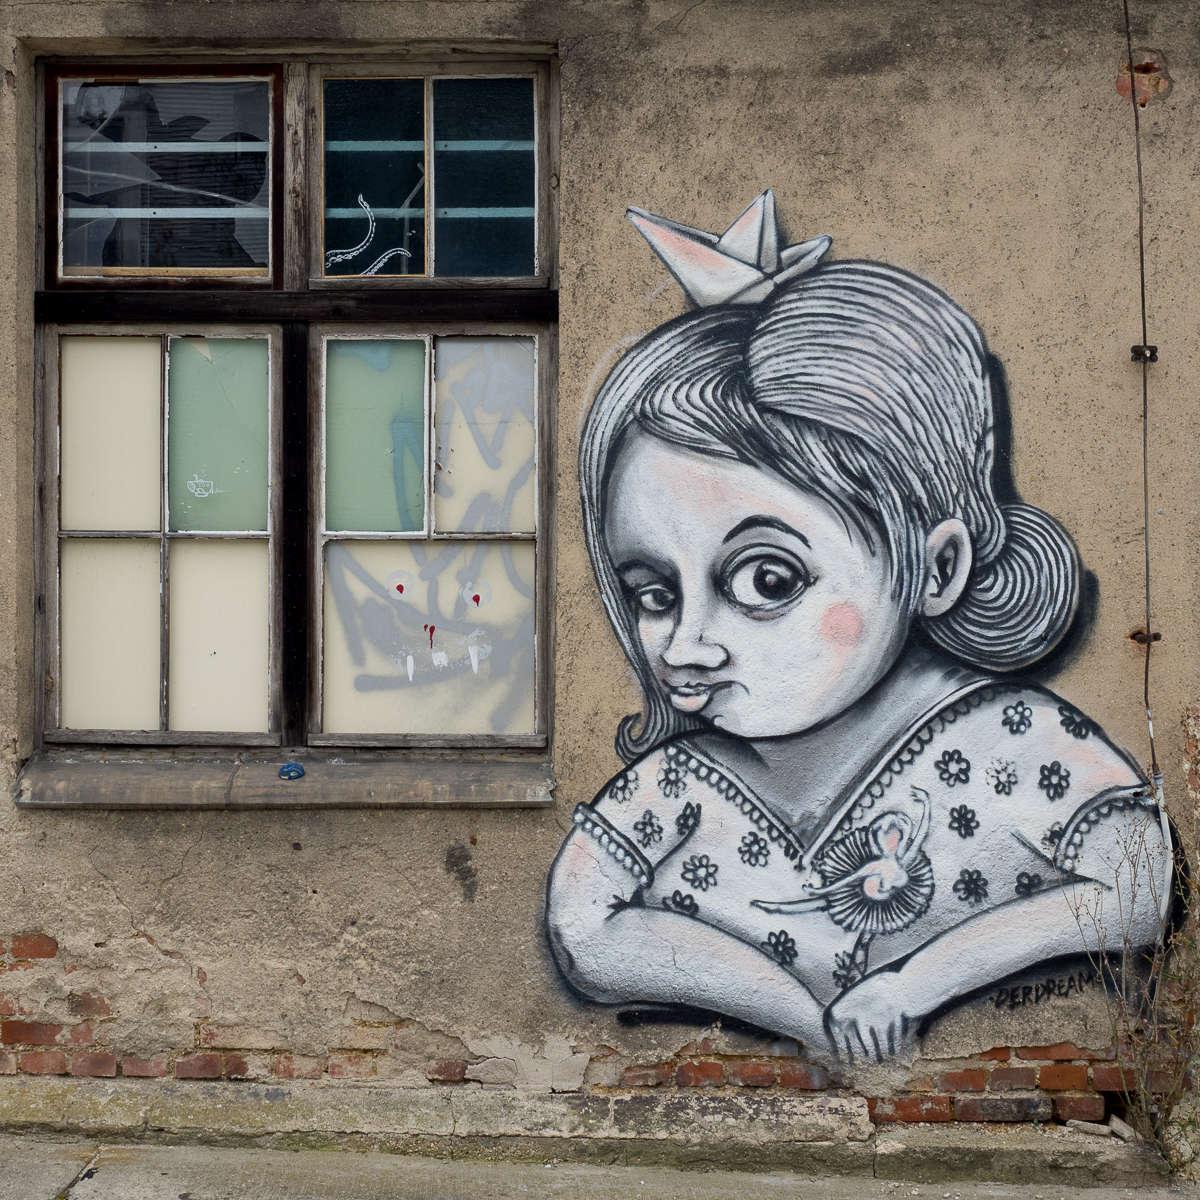 IBUg - Festival für urbane Kunst in Sachsen - Veranstaltungshinweis für die IBUg 2018 in Chemnitz/Textima